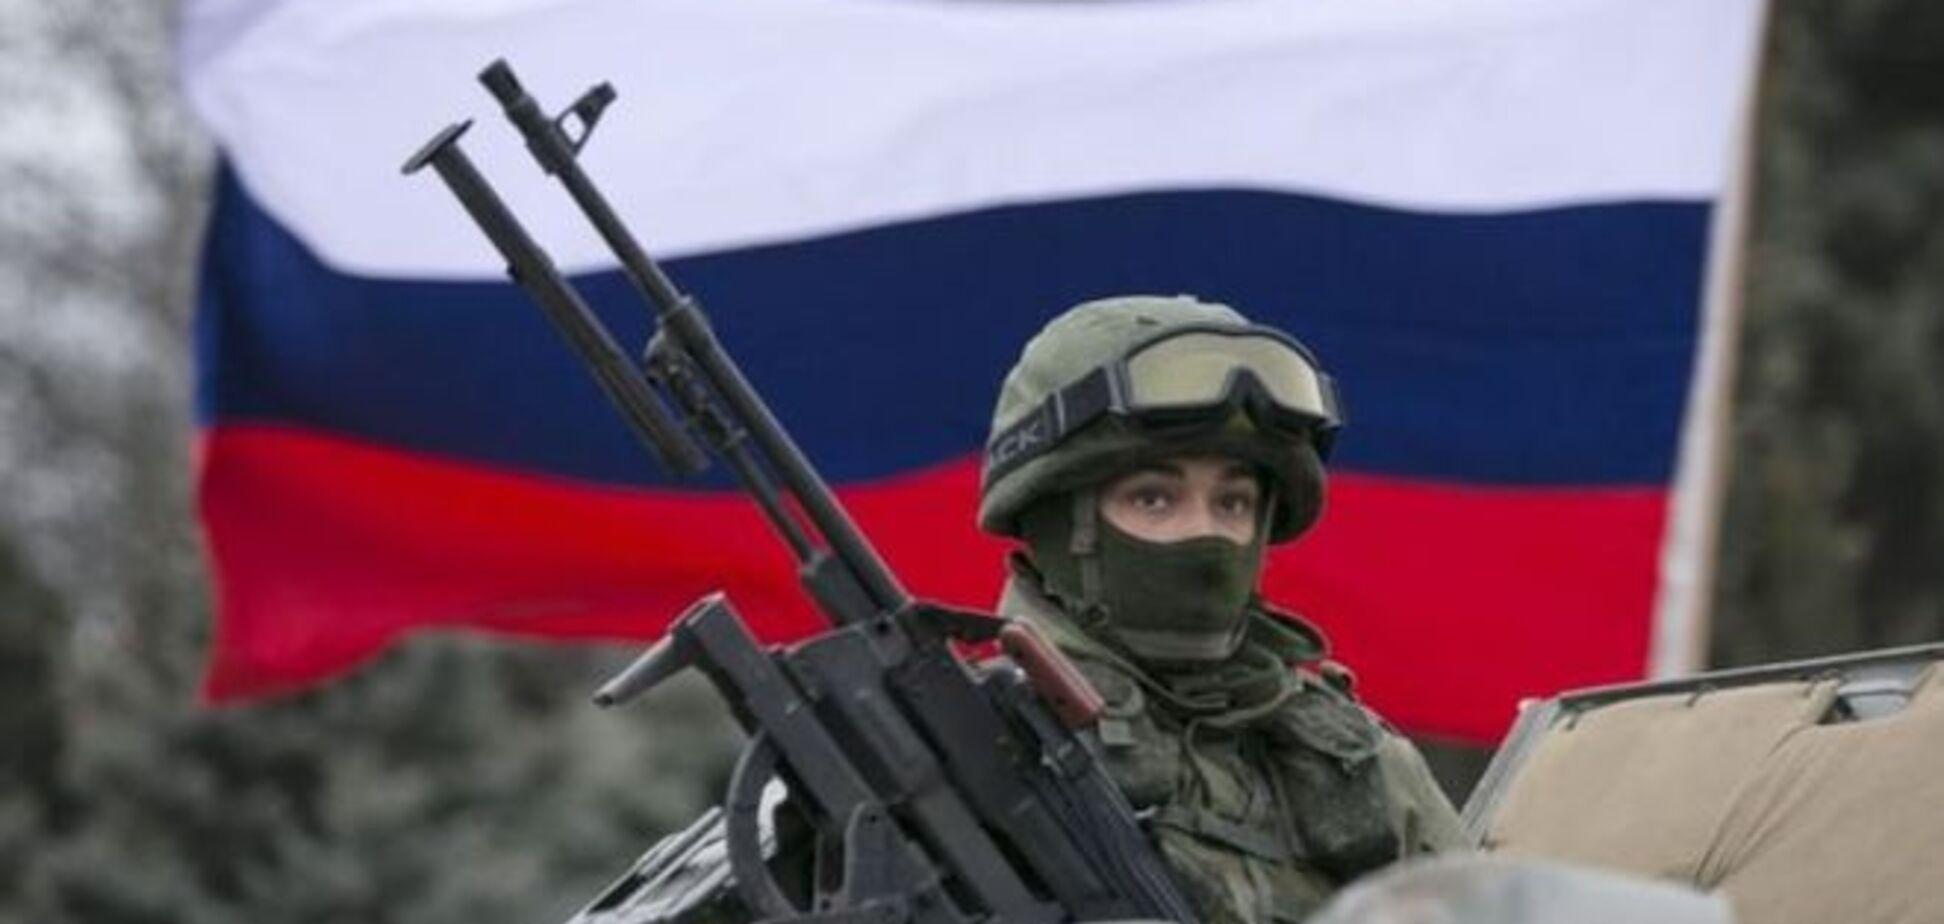 Разведка США назвала количество погибших на Донбассе российских солдат